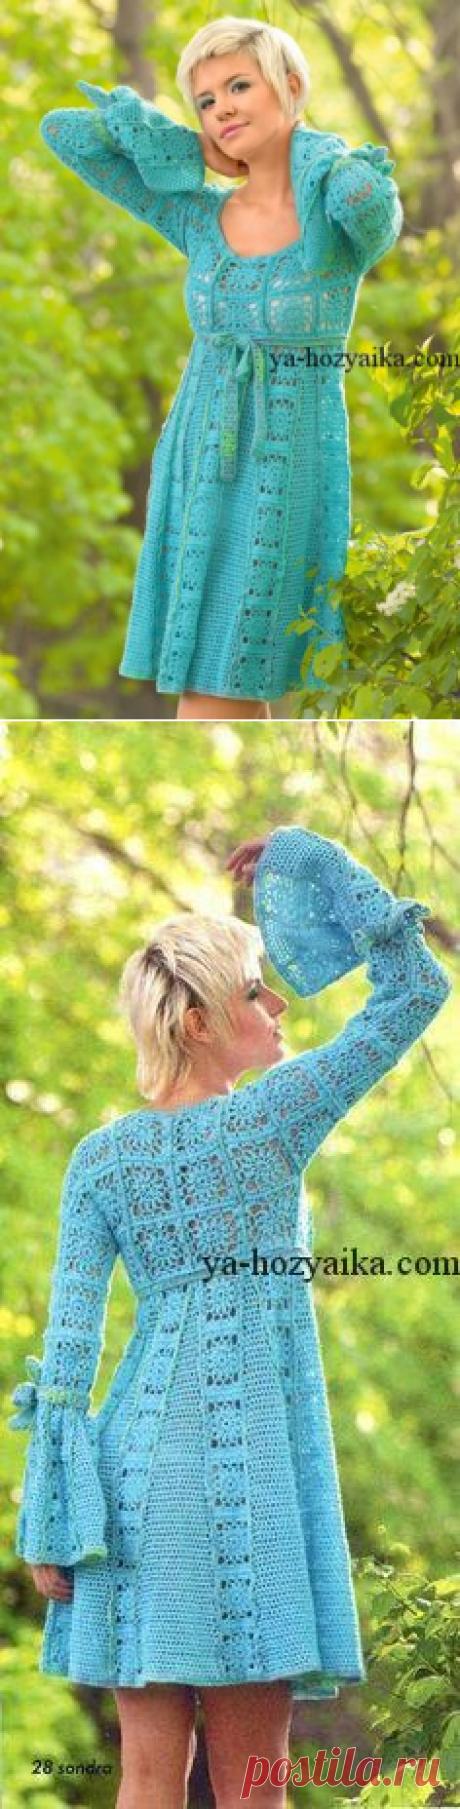 Платье из квадратов крючком. Вязаное платье из мотивов схемы.